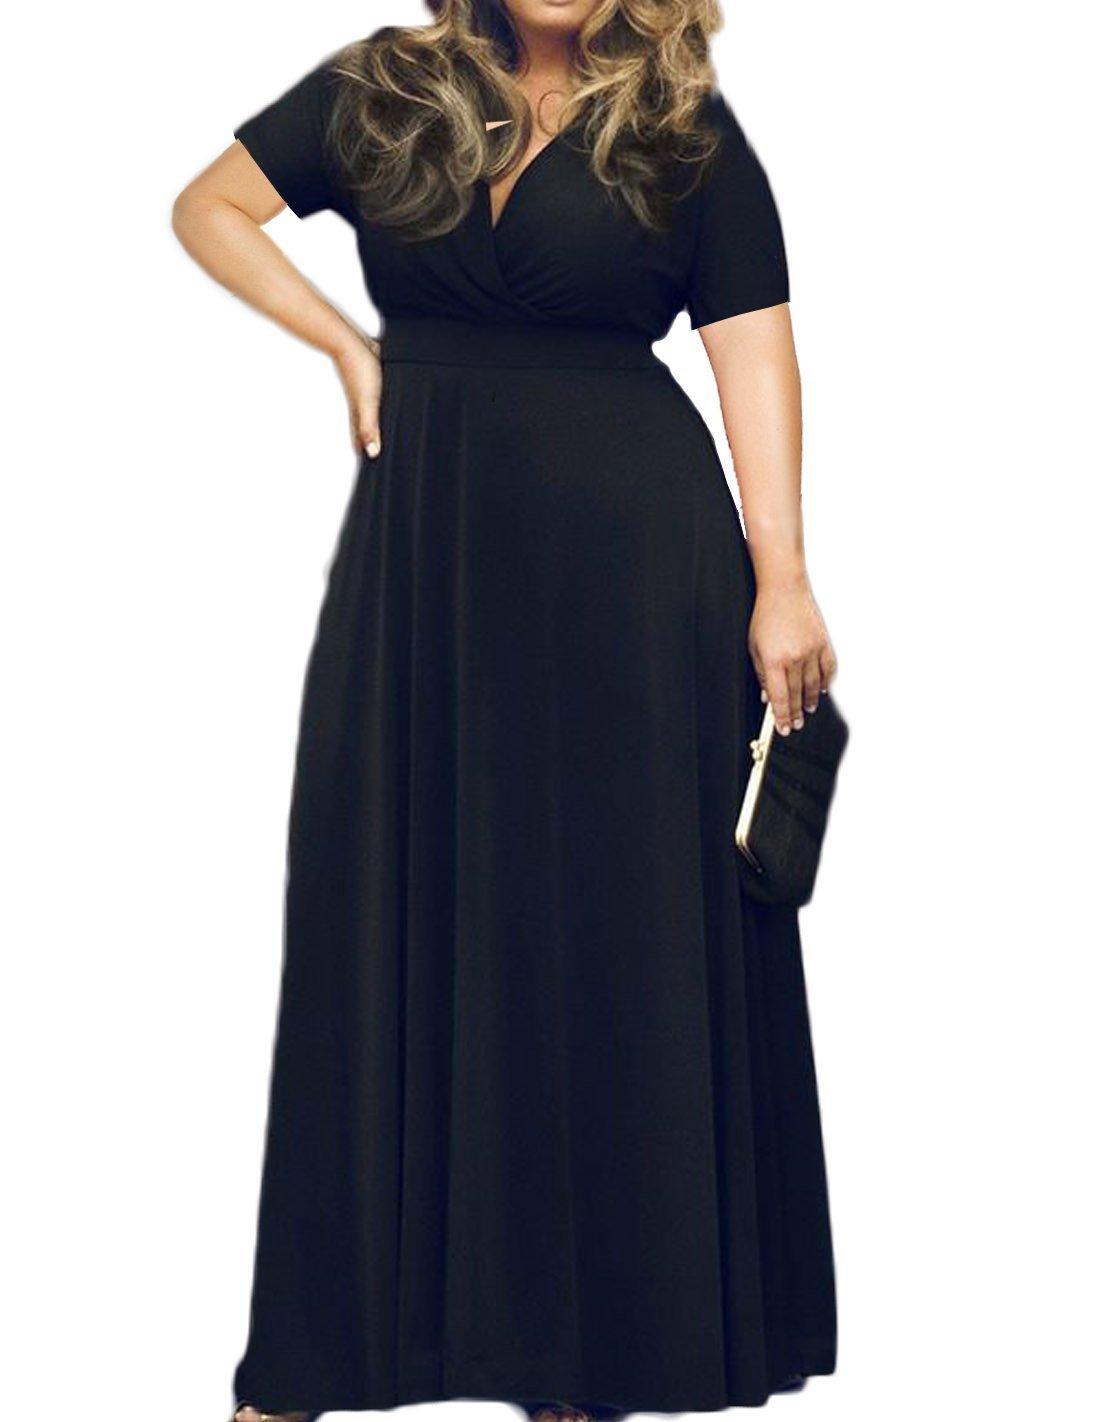 AM CLOTHES DRESS レディース B07DMGL3GR 2X Sl-black Sl-black 2X